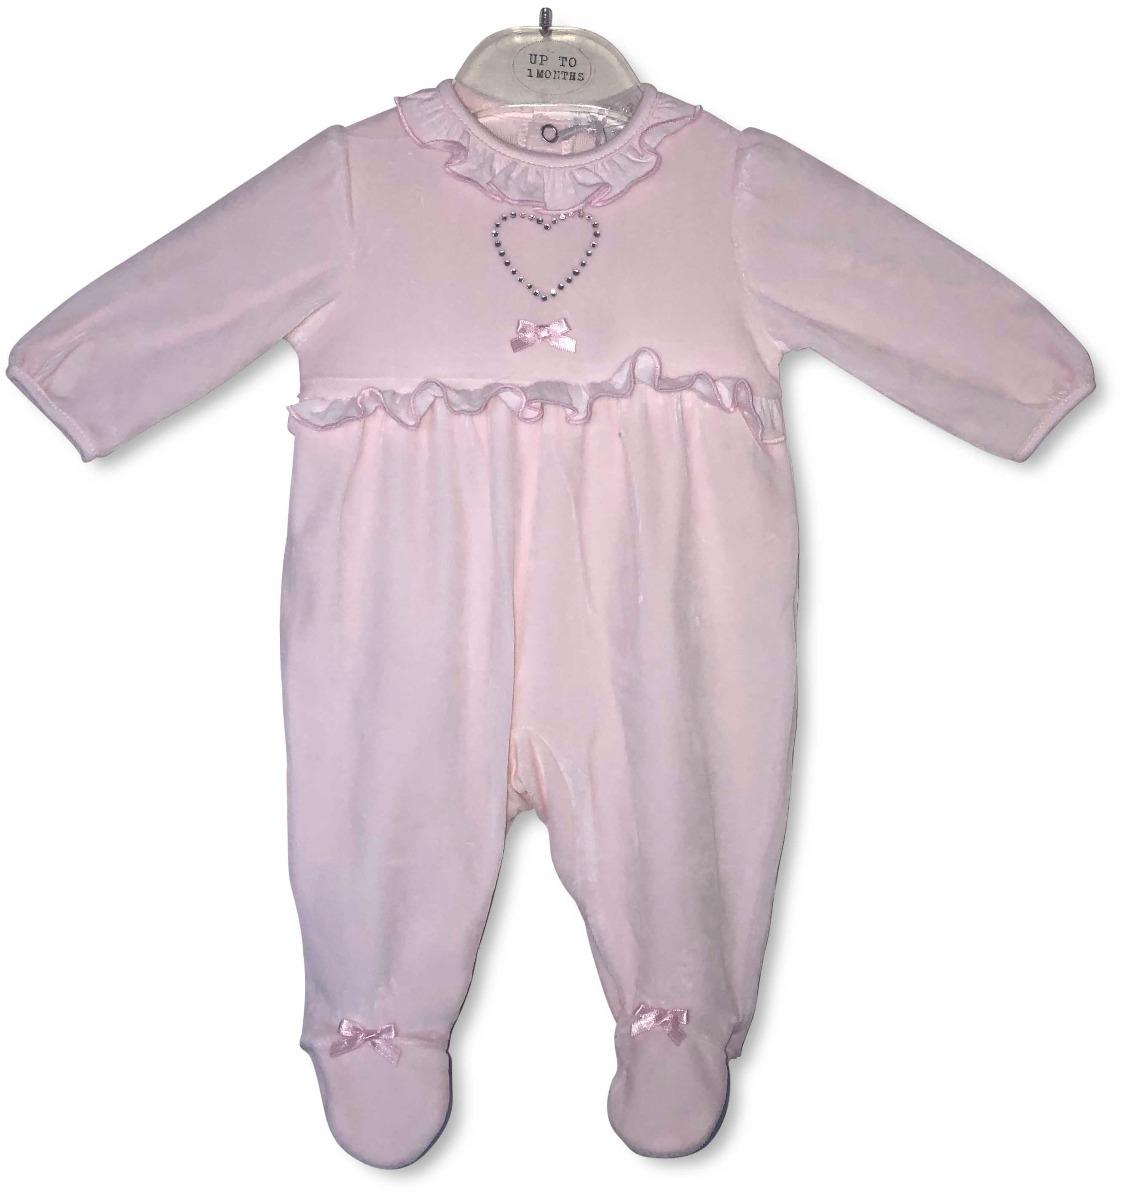 Roze velvet babypakje met hartje & steentjes